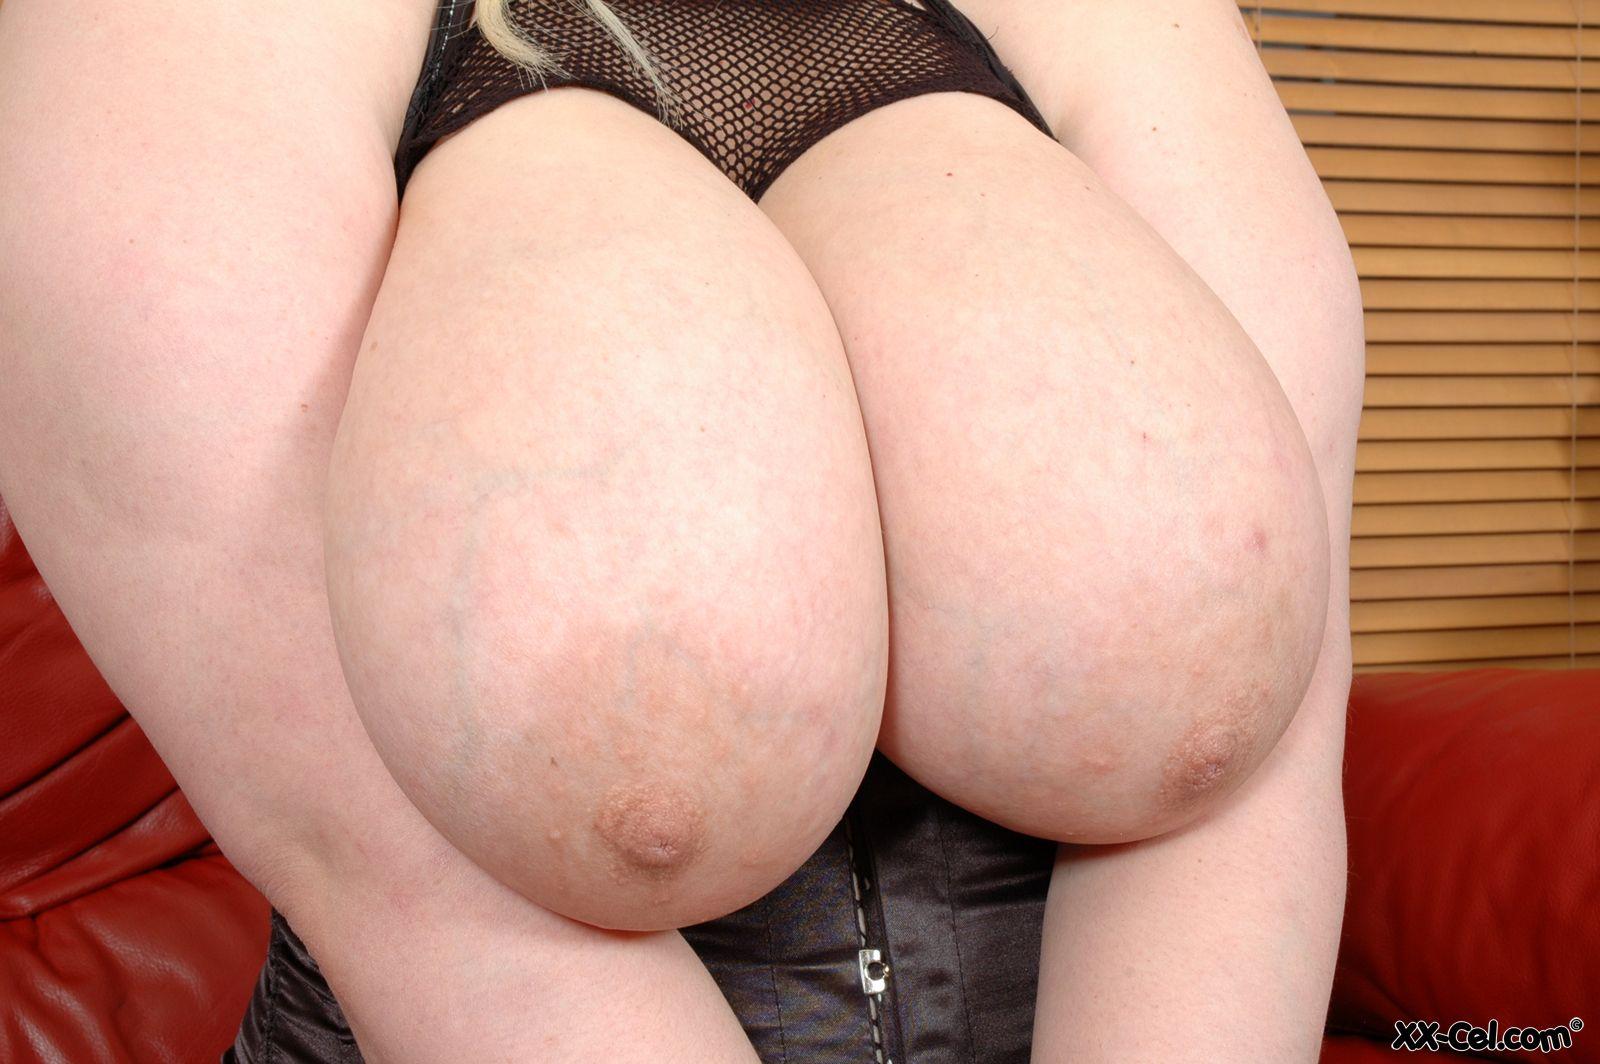 big ass lesbian vivastreet escort toulon